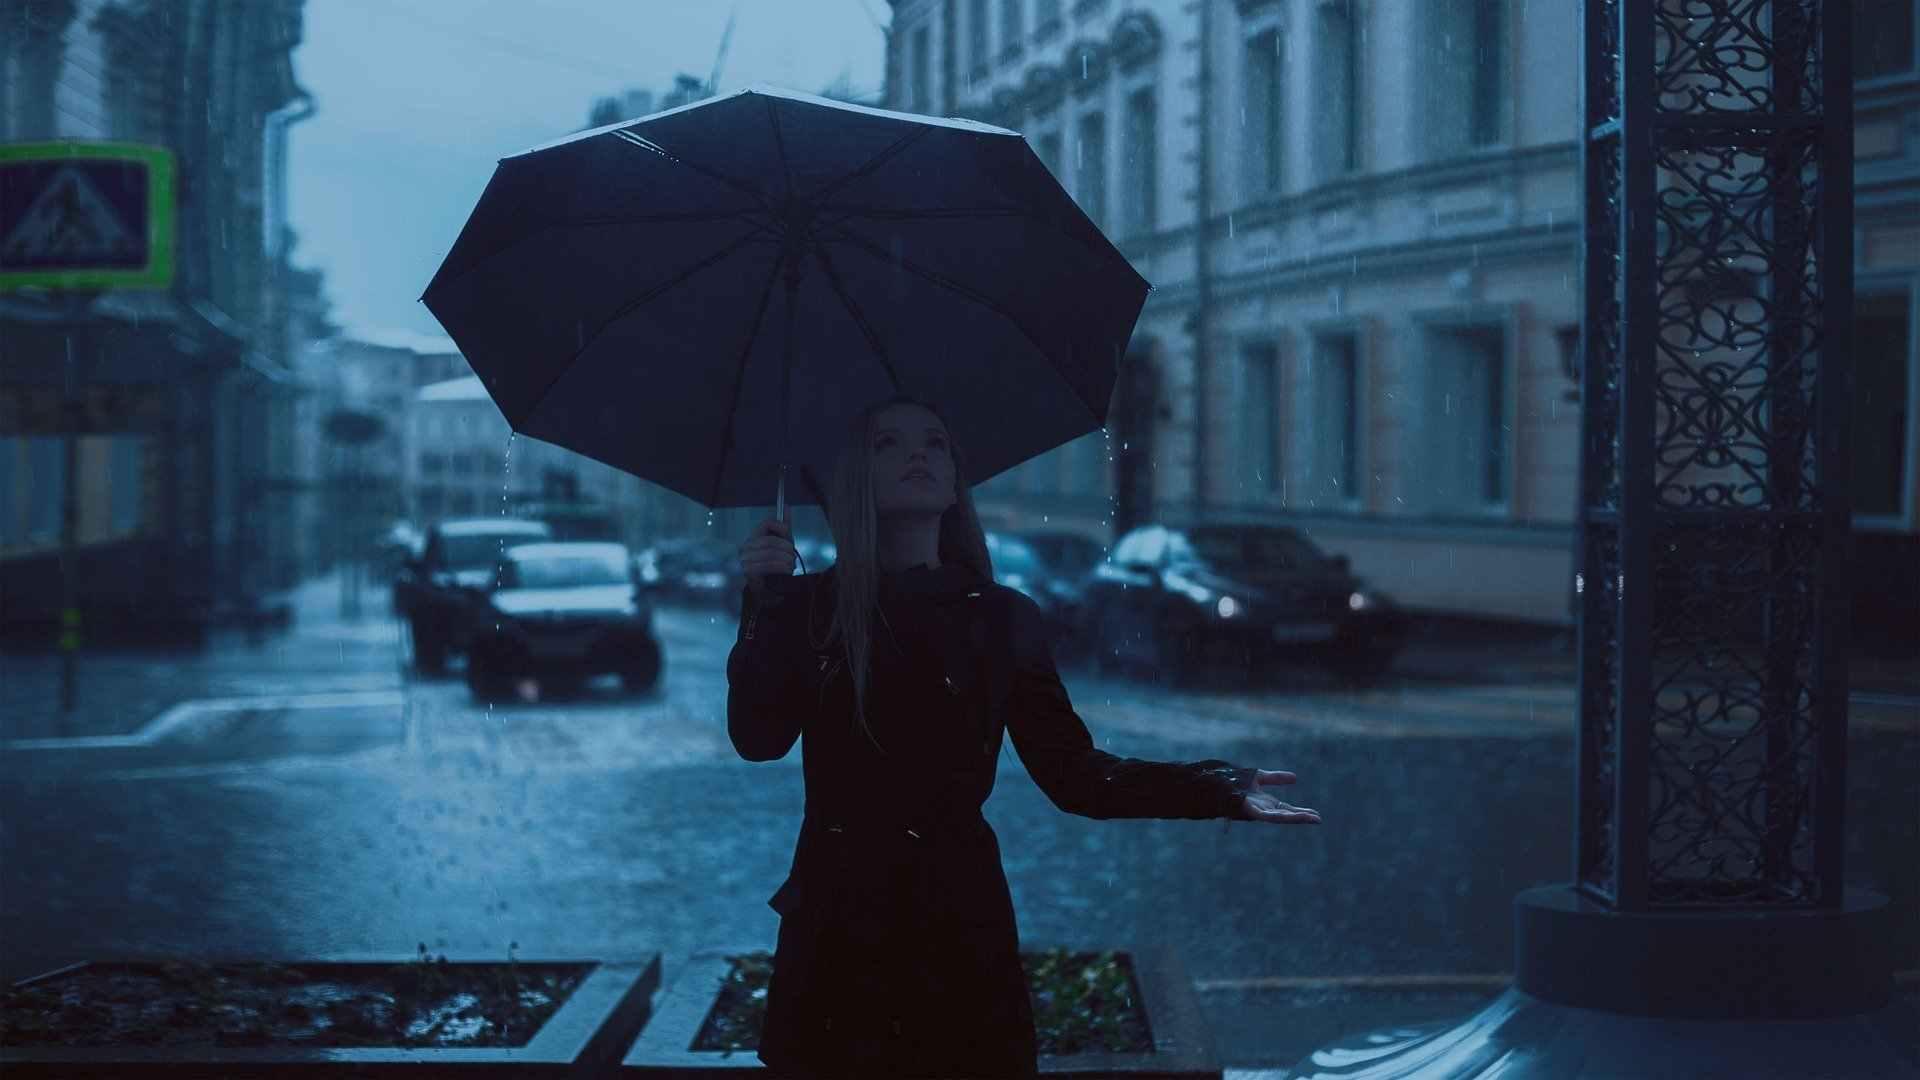 Новороссийцев спросили, верят ли они в прогнозы метеорологов